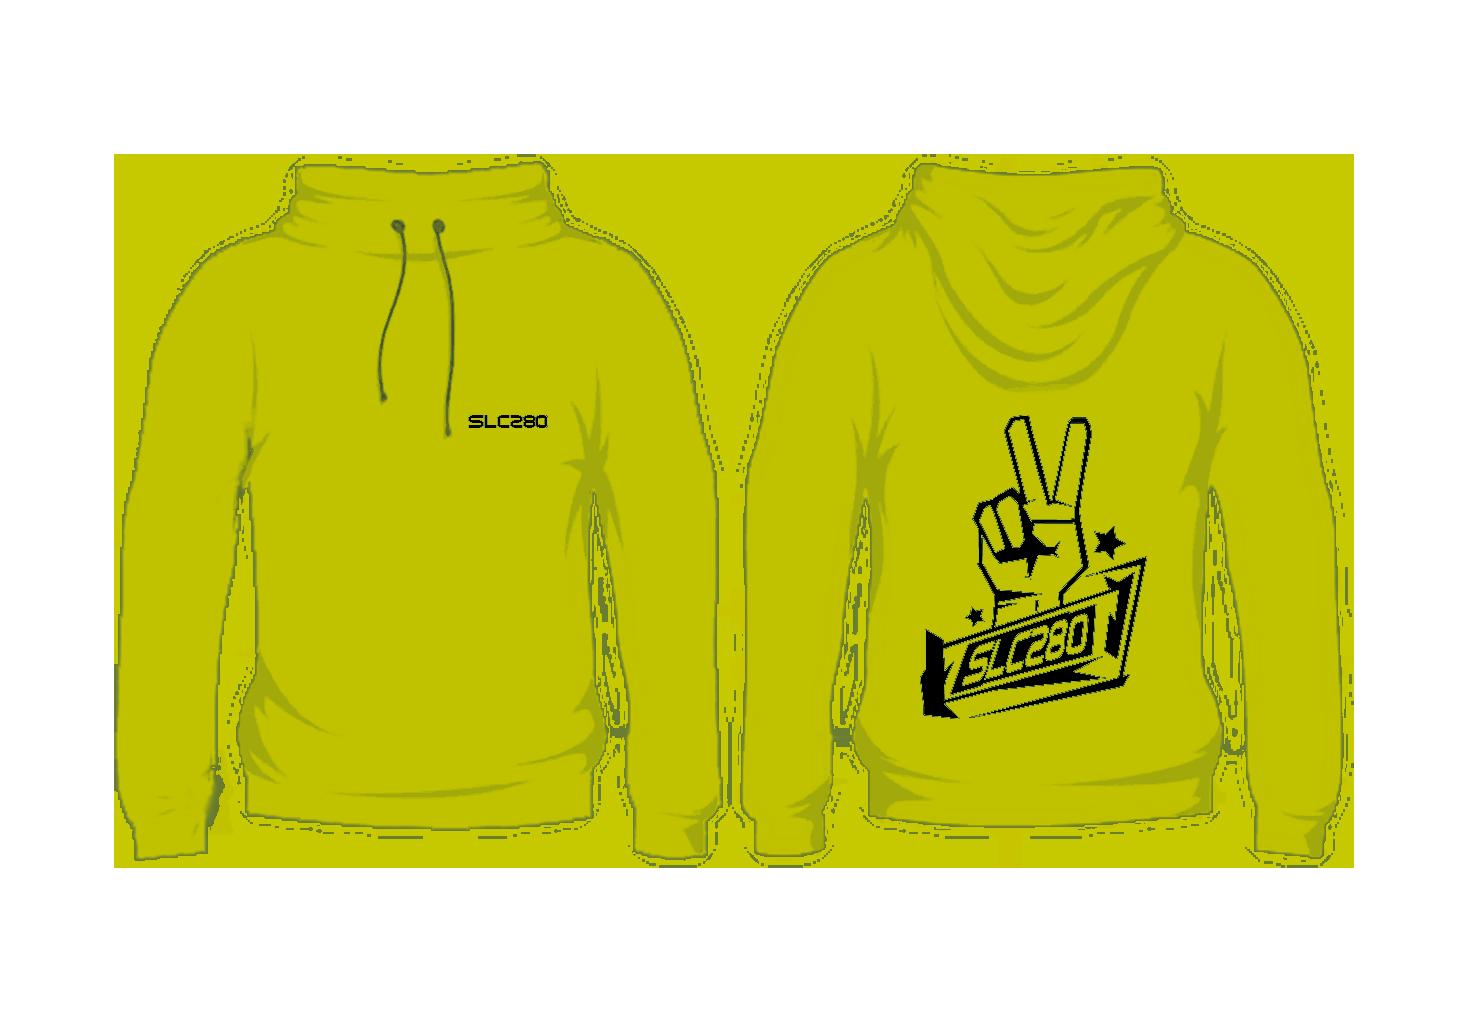 Design2gelb